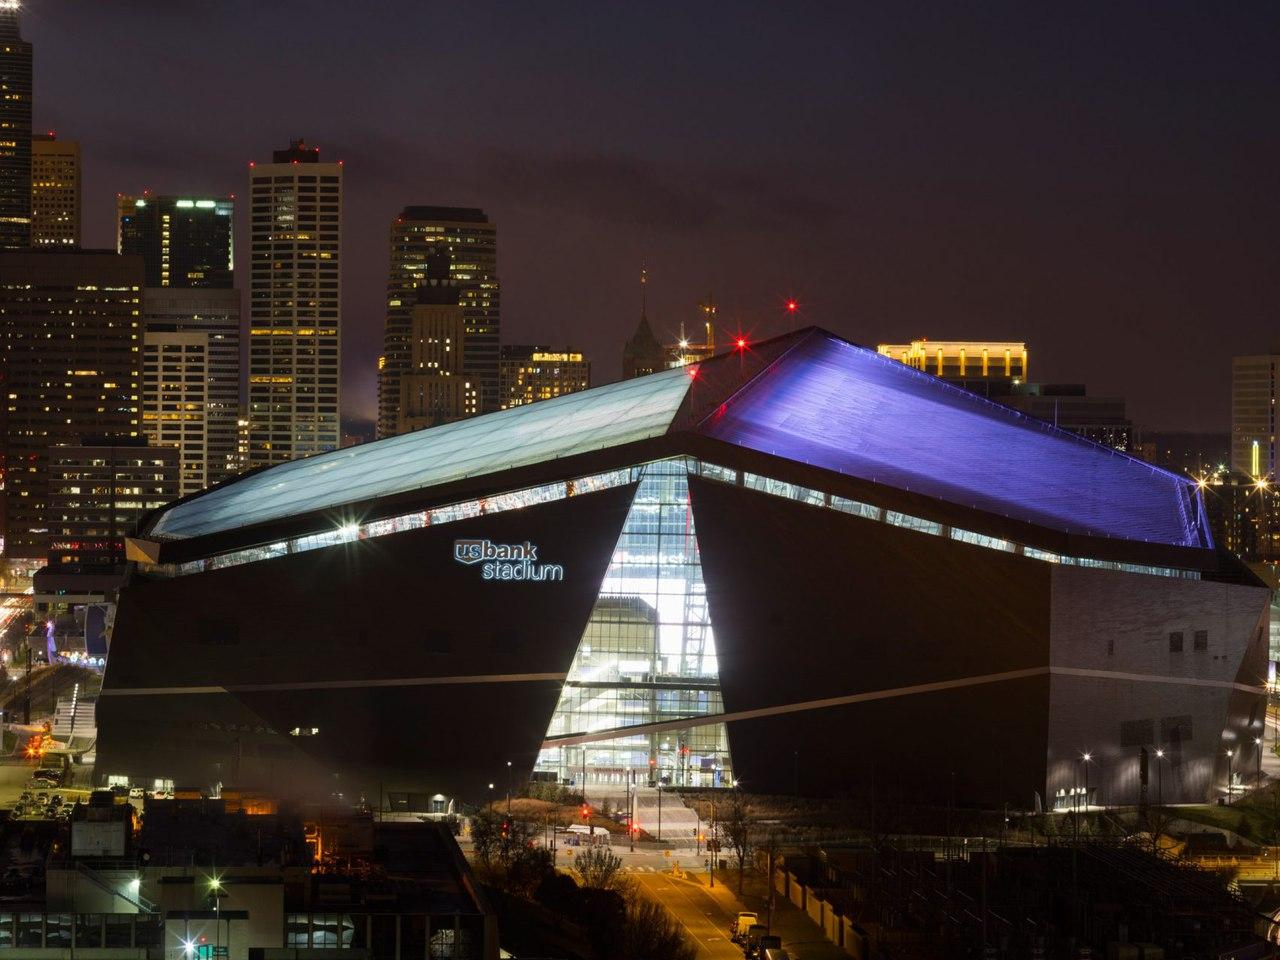 HKS/ Стадион в Миннесоте, США